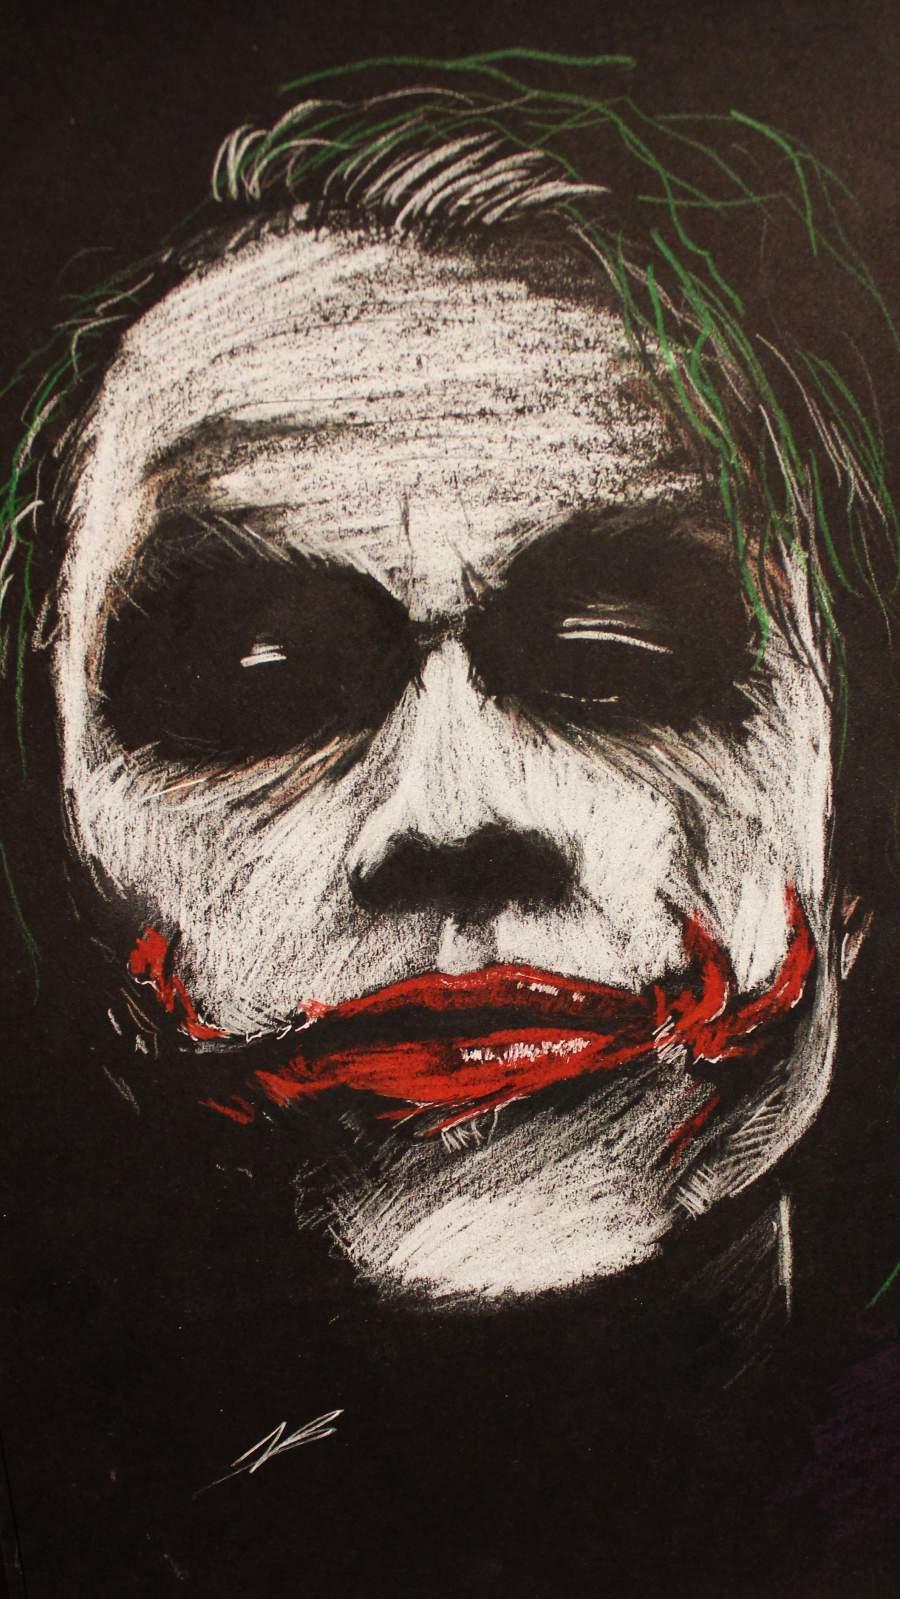 Joker Madness iPhone Wallpaper